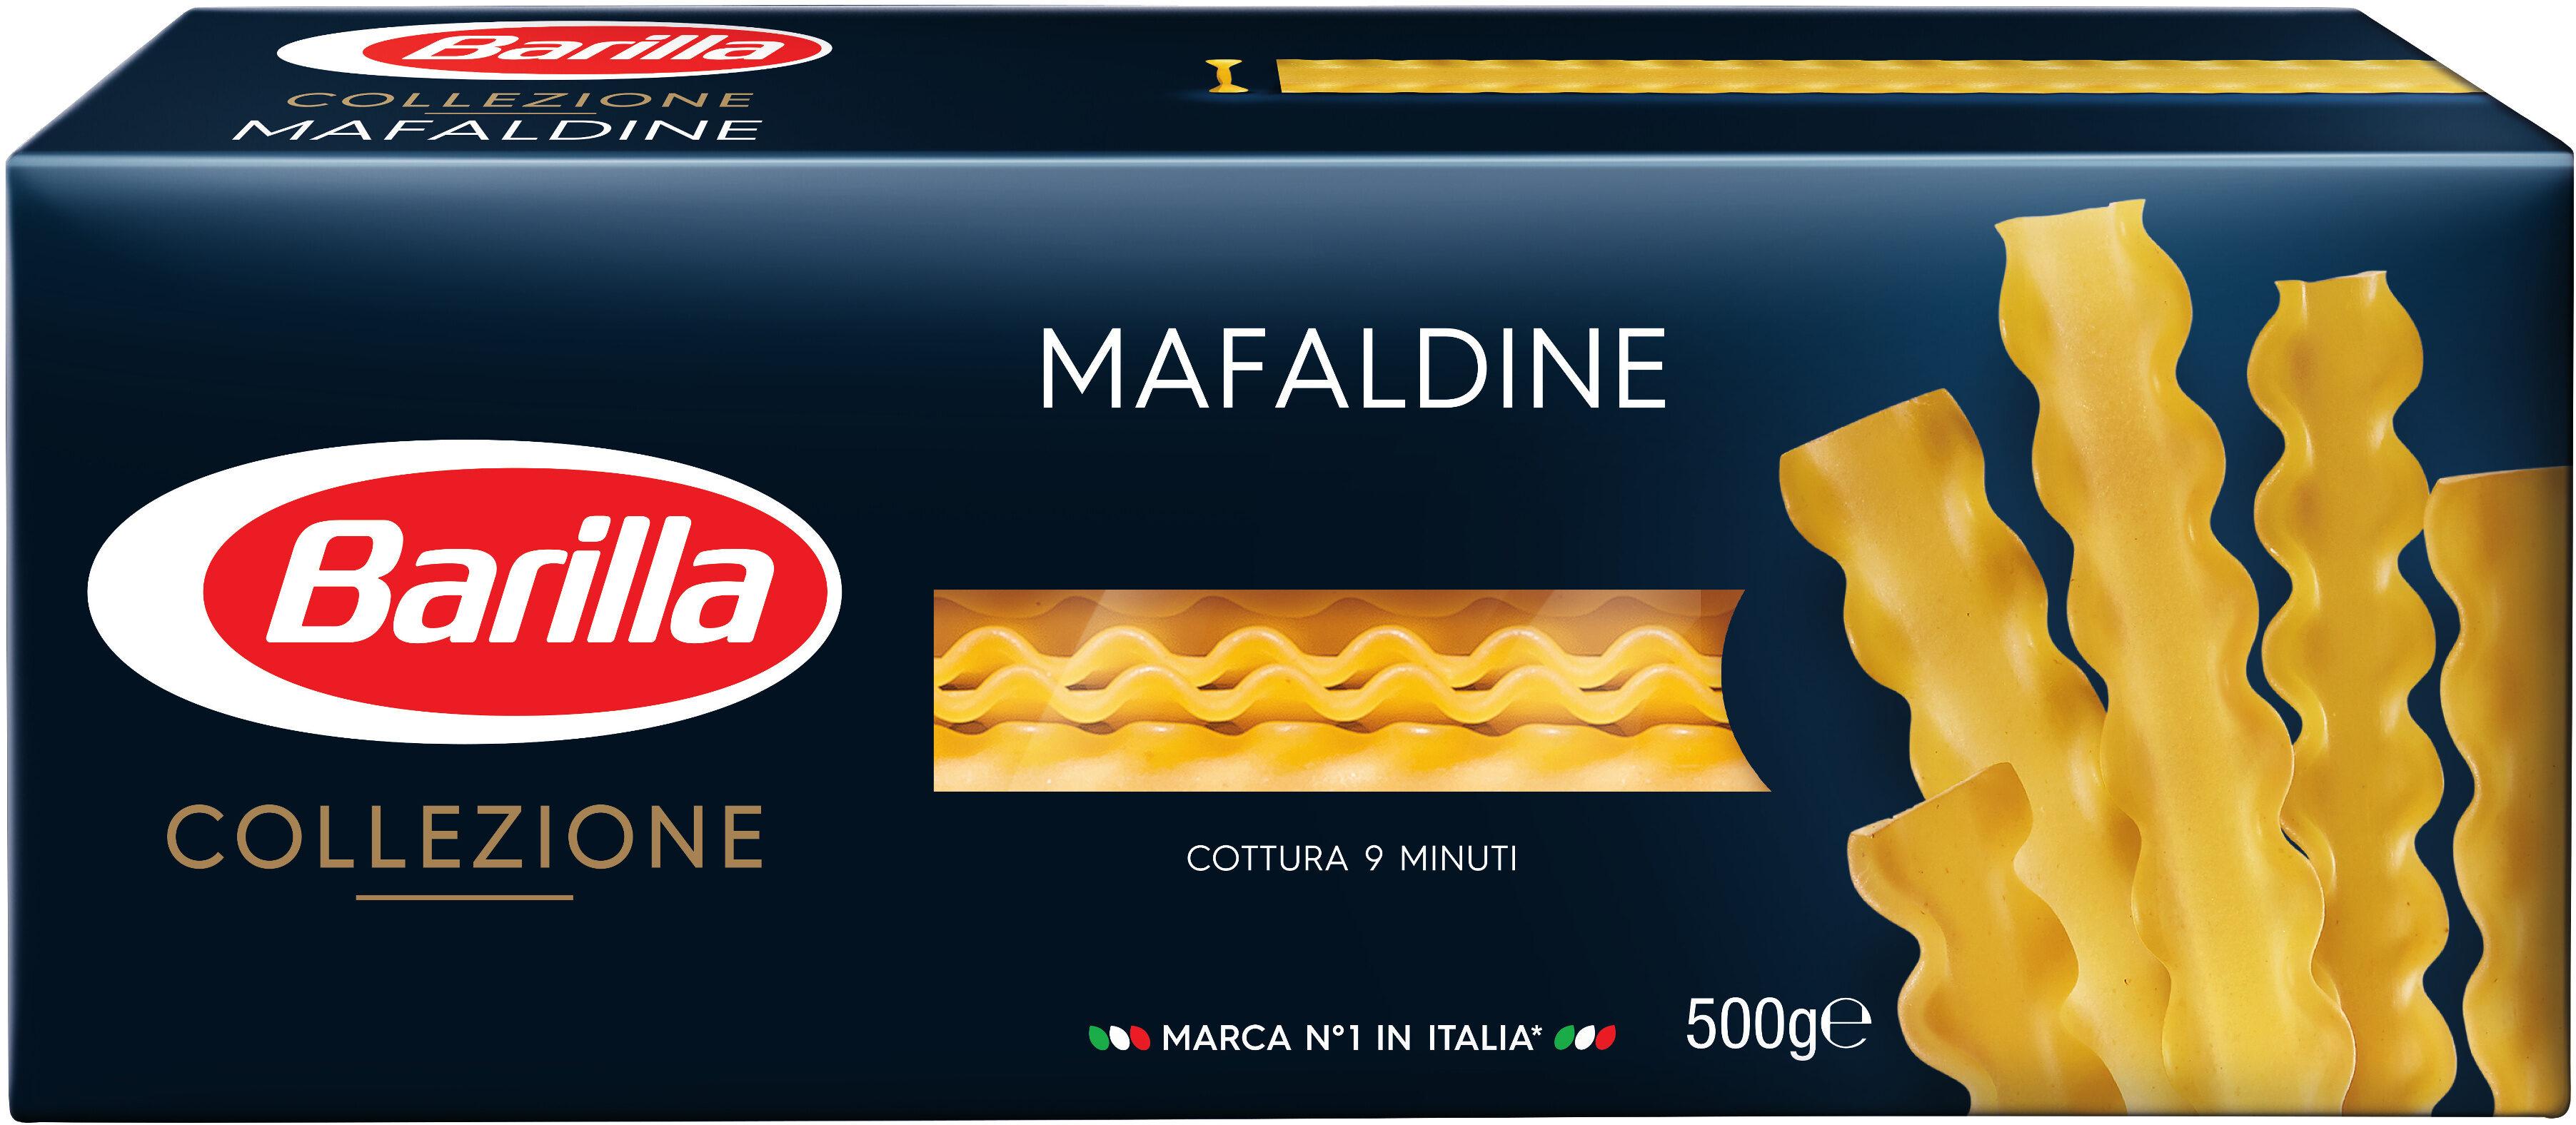 Barilla pates collezione mafaldine - Prodotto - fr